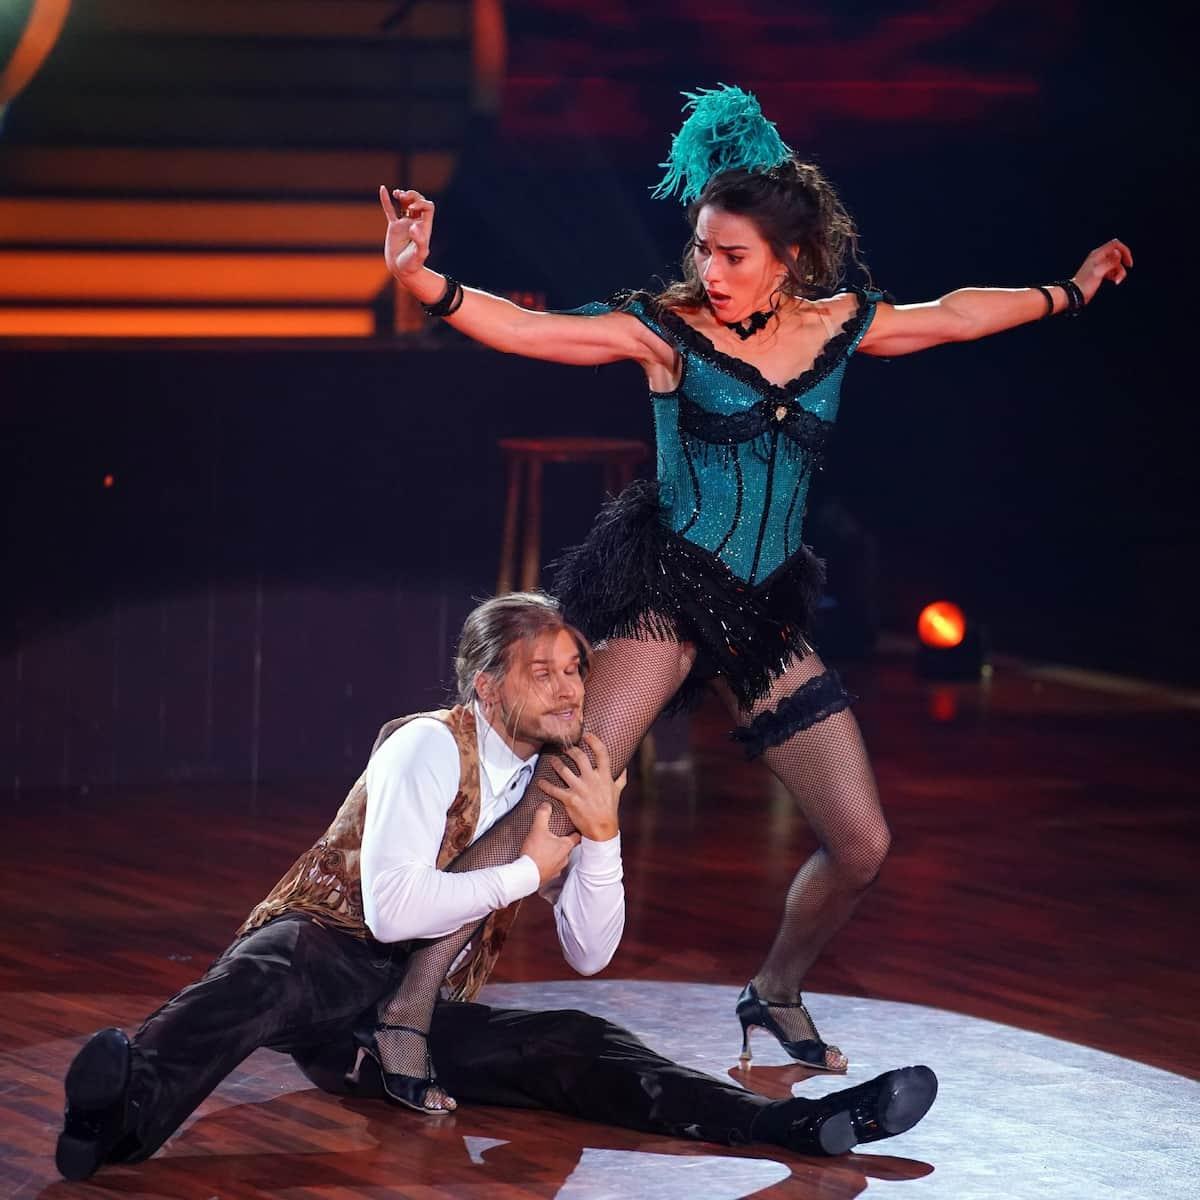 Rurik Gislason und Renata Lusin beim Charleston Let's dance am 21.5.2021